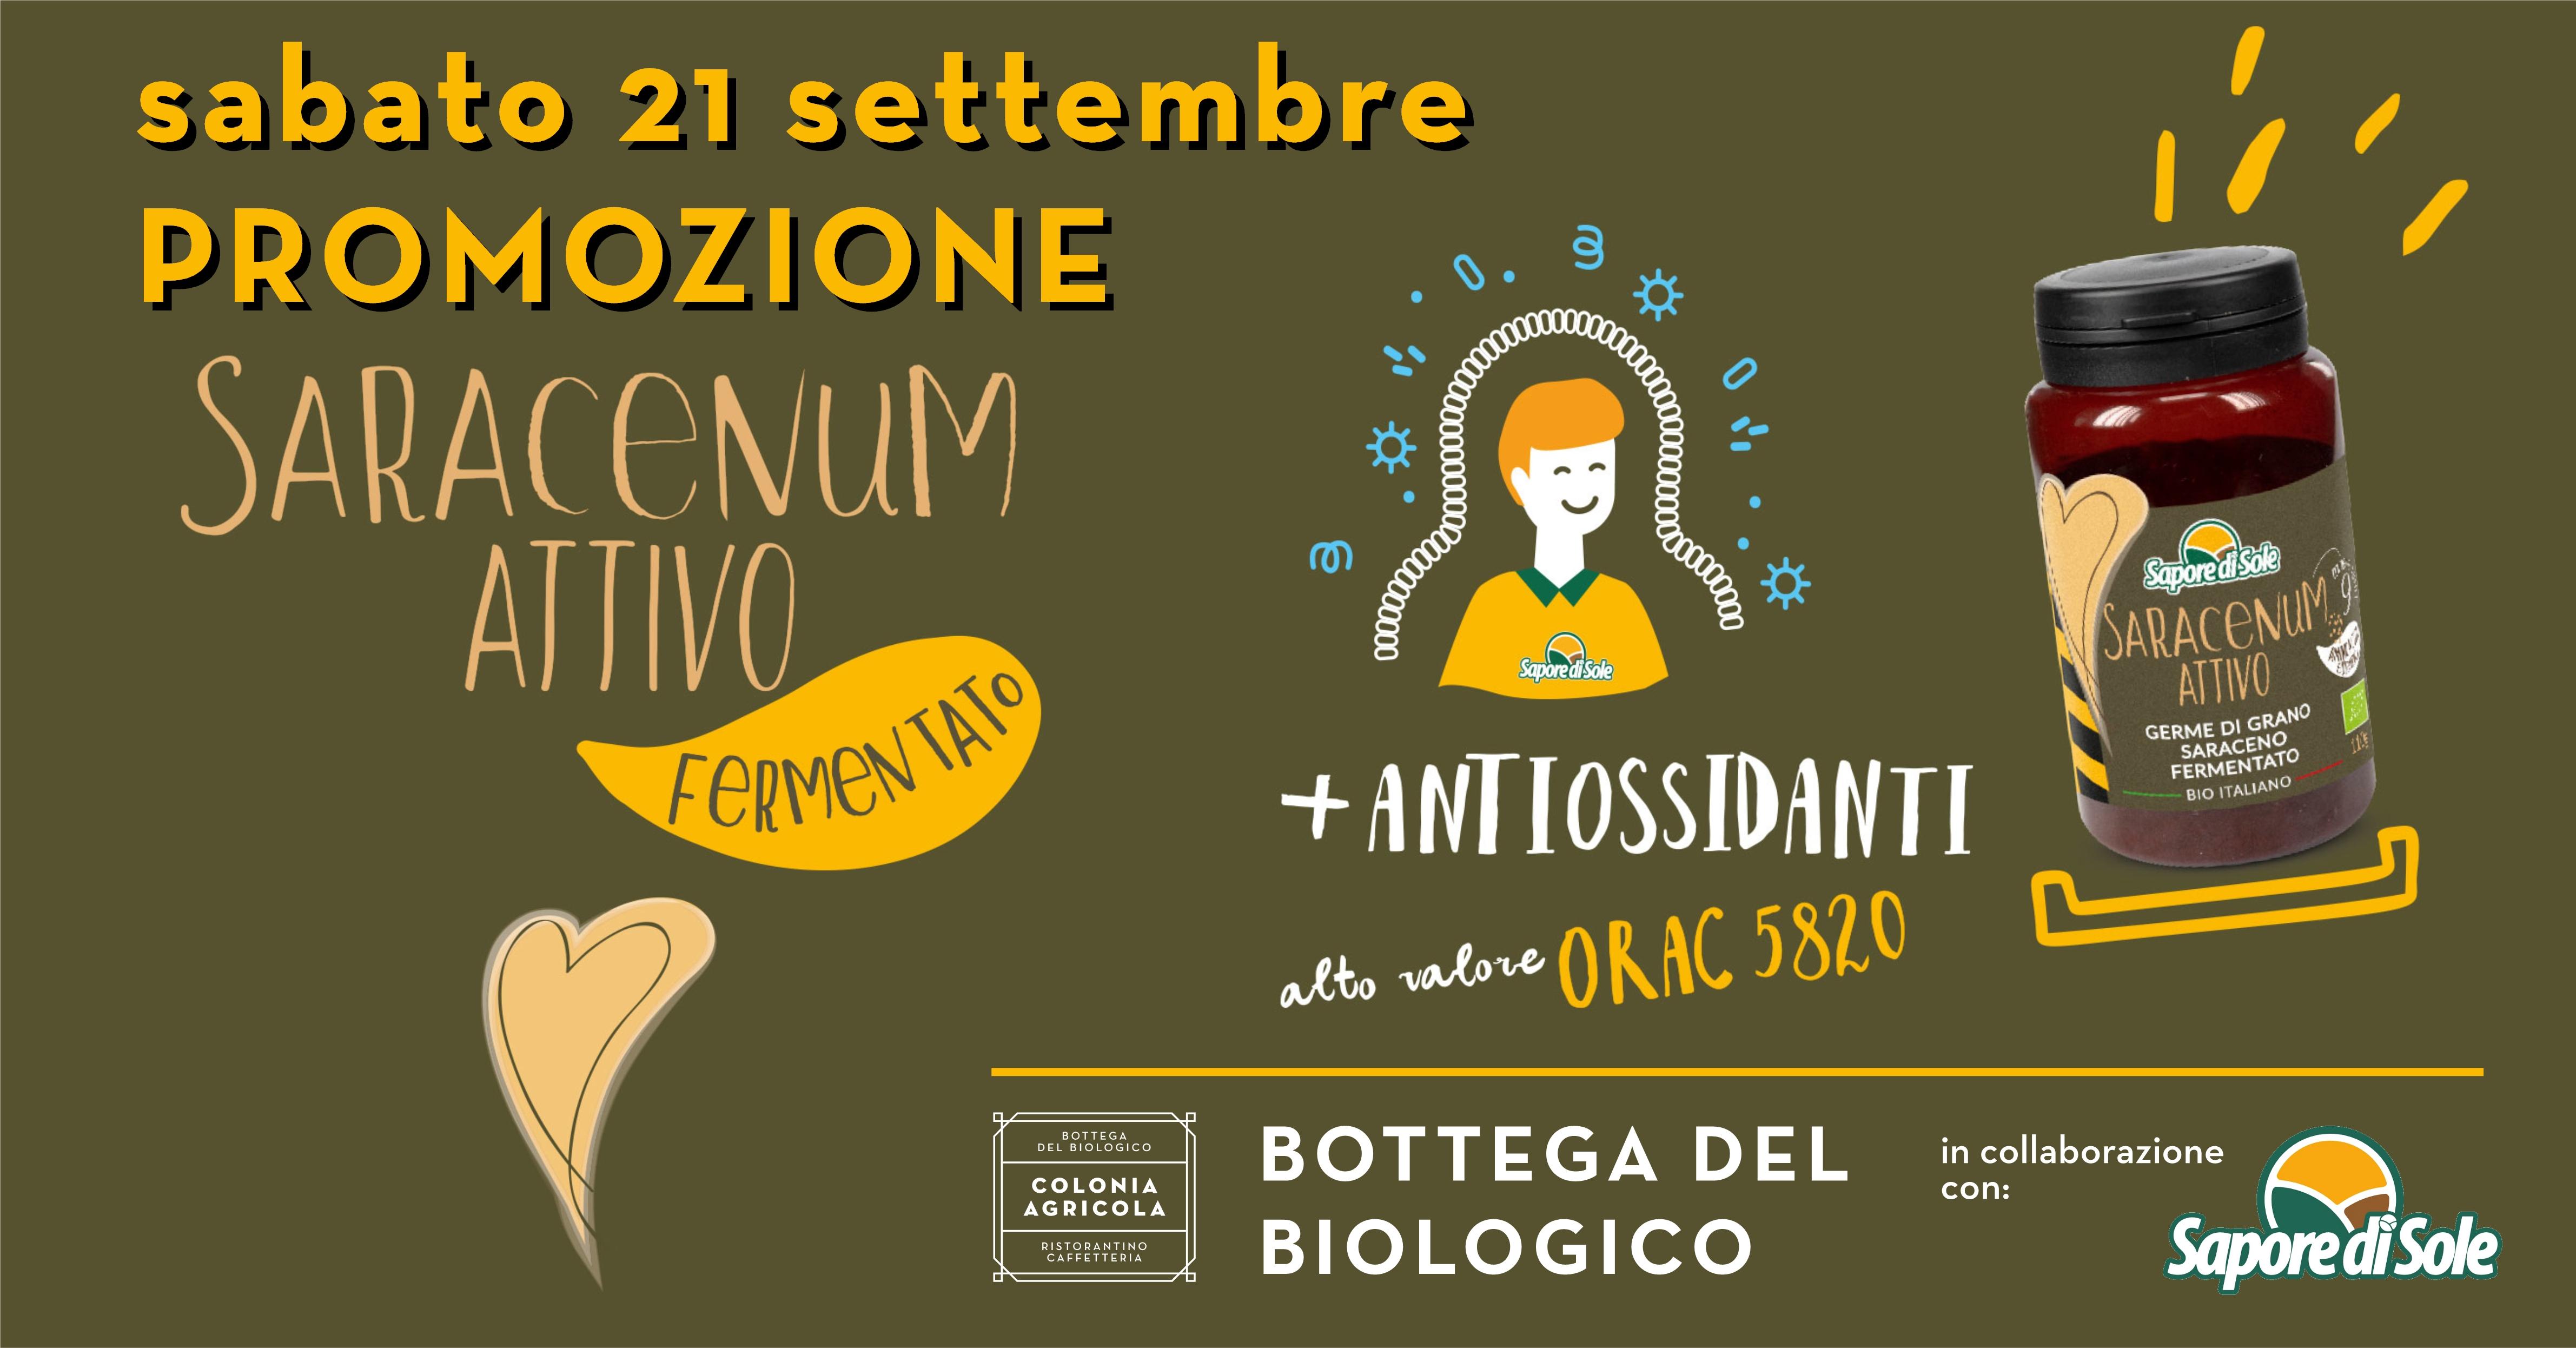 Promozione Saracenum attivo fermentato